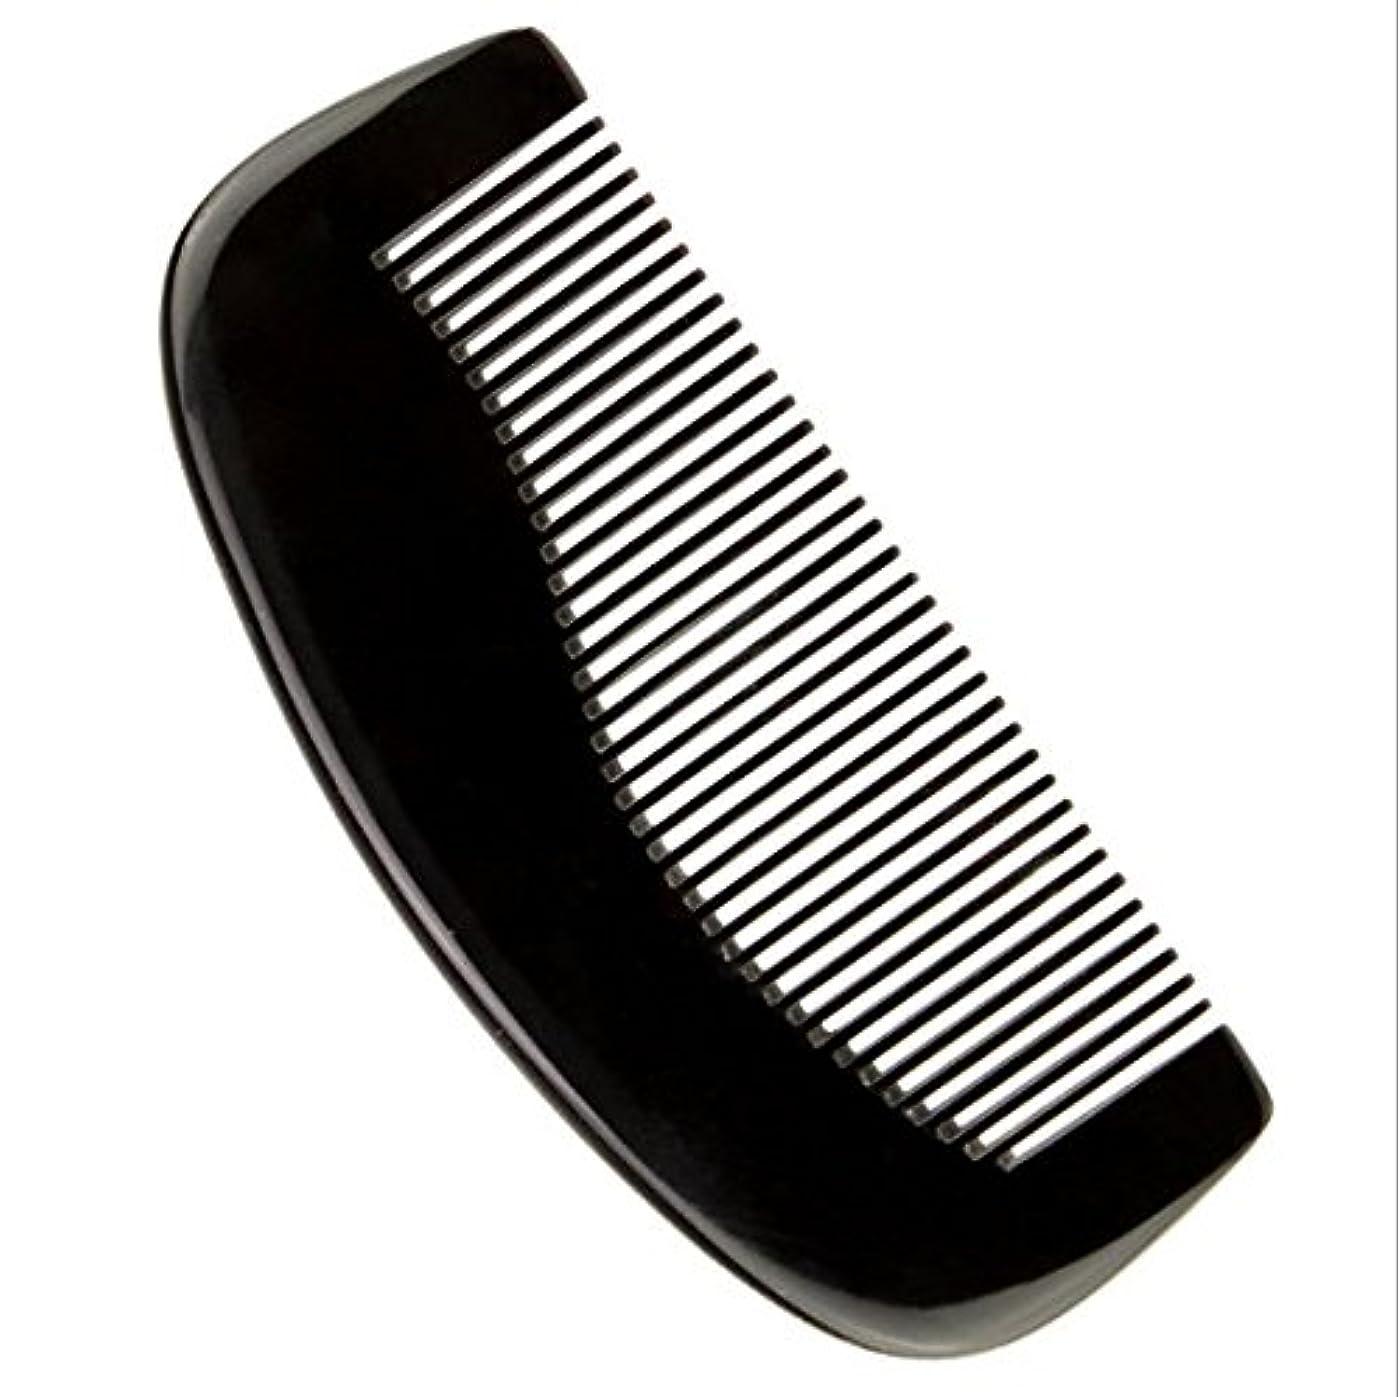 好き床ズーム櫛型 プロも使う牛角かっさプレート 牛櫛 高級 天然 静電気 防止 美髪 粗歯 櫛型 美顔 ボディ リンパマッサージ